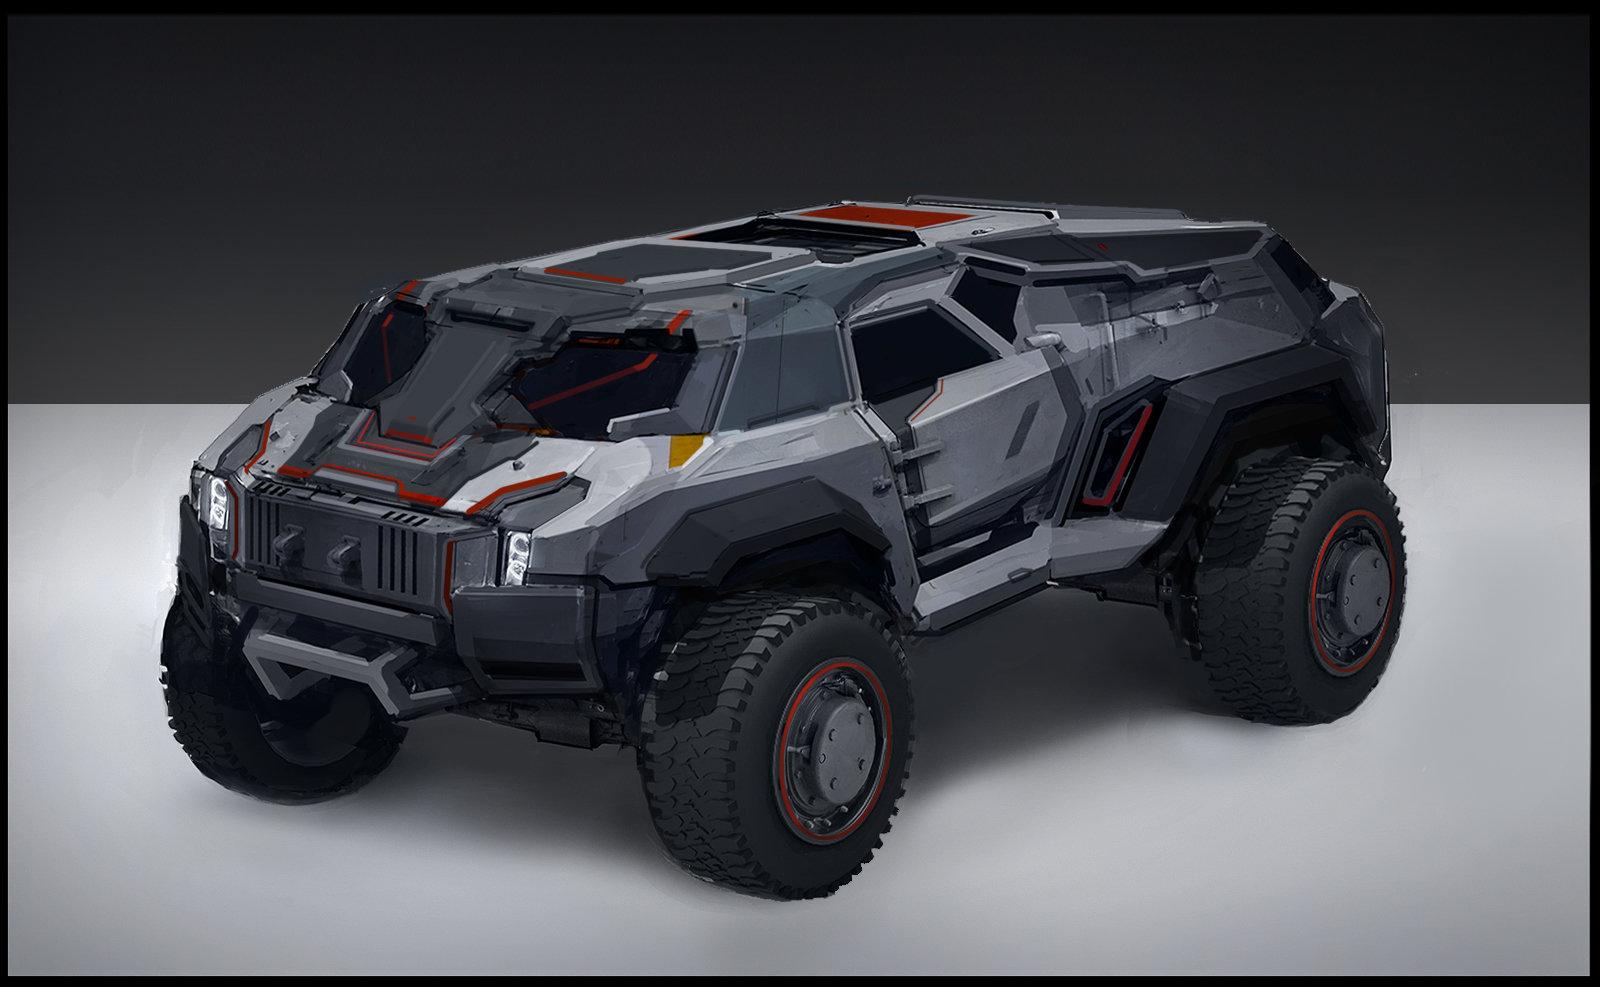 Armored Car For Sale >> ArtStation - Vehicle sketch, Sam Brown